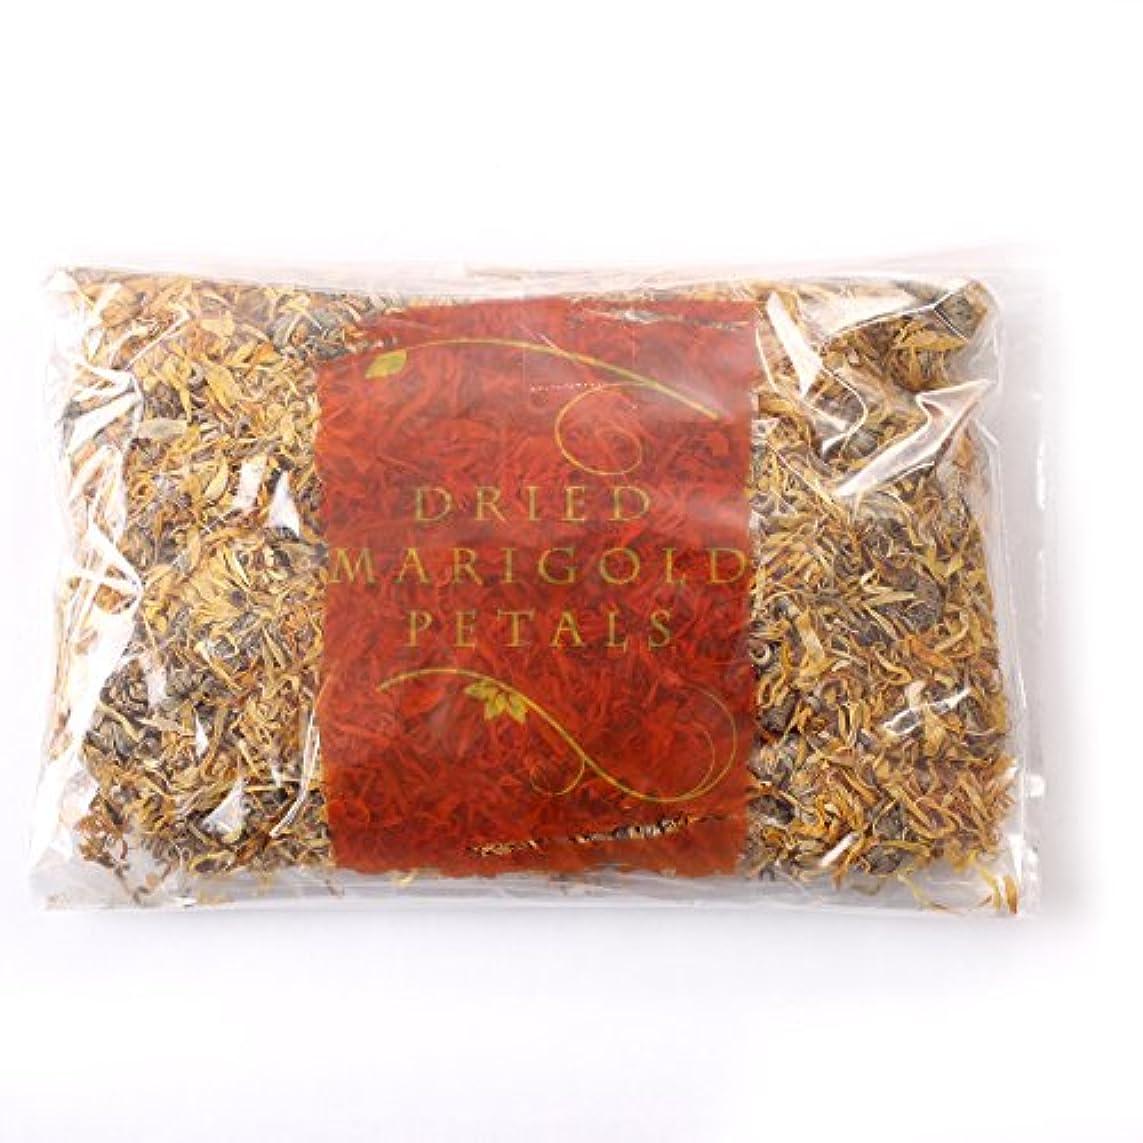 アラビア語入植者分割Dried Marigold Petals - 500g